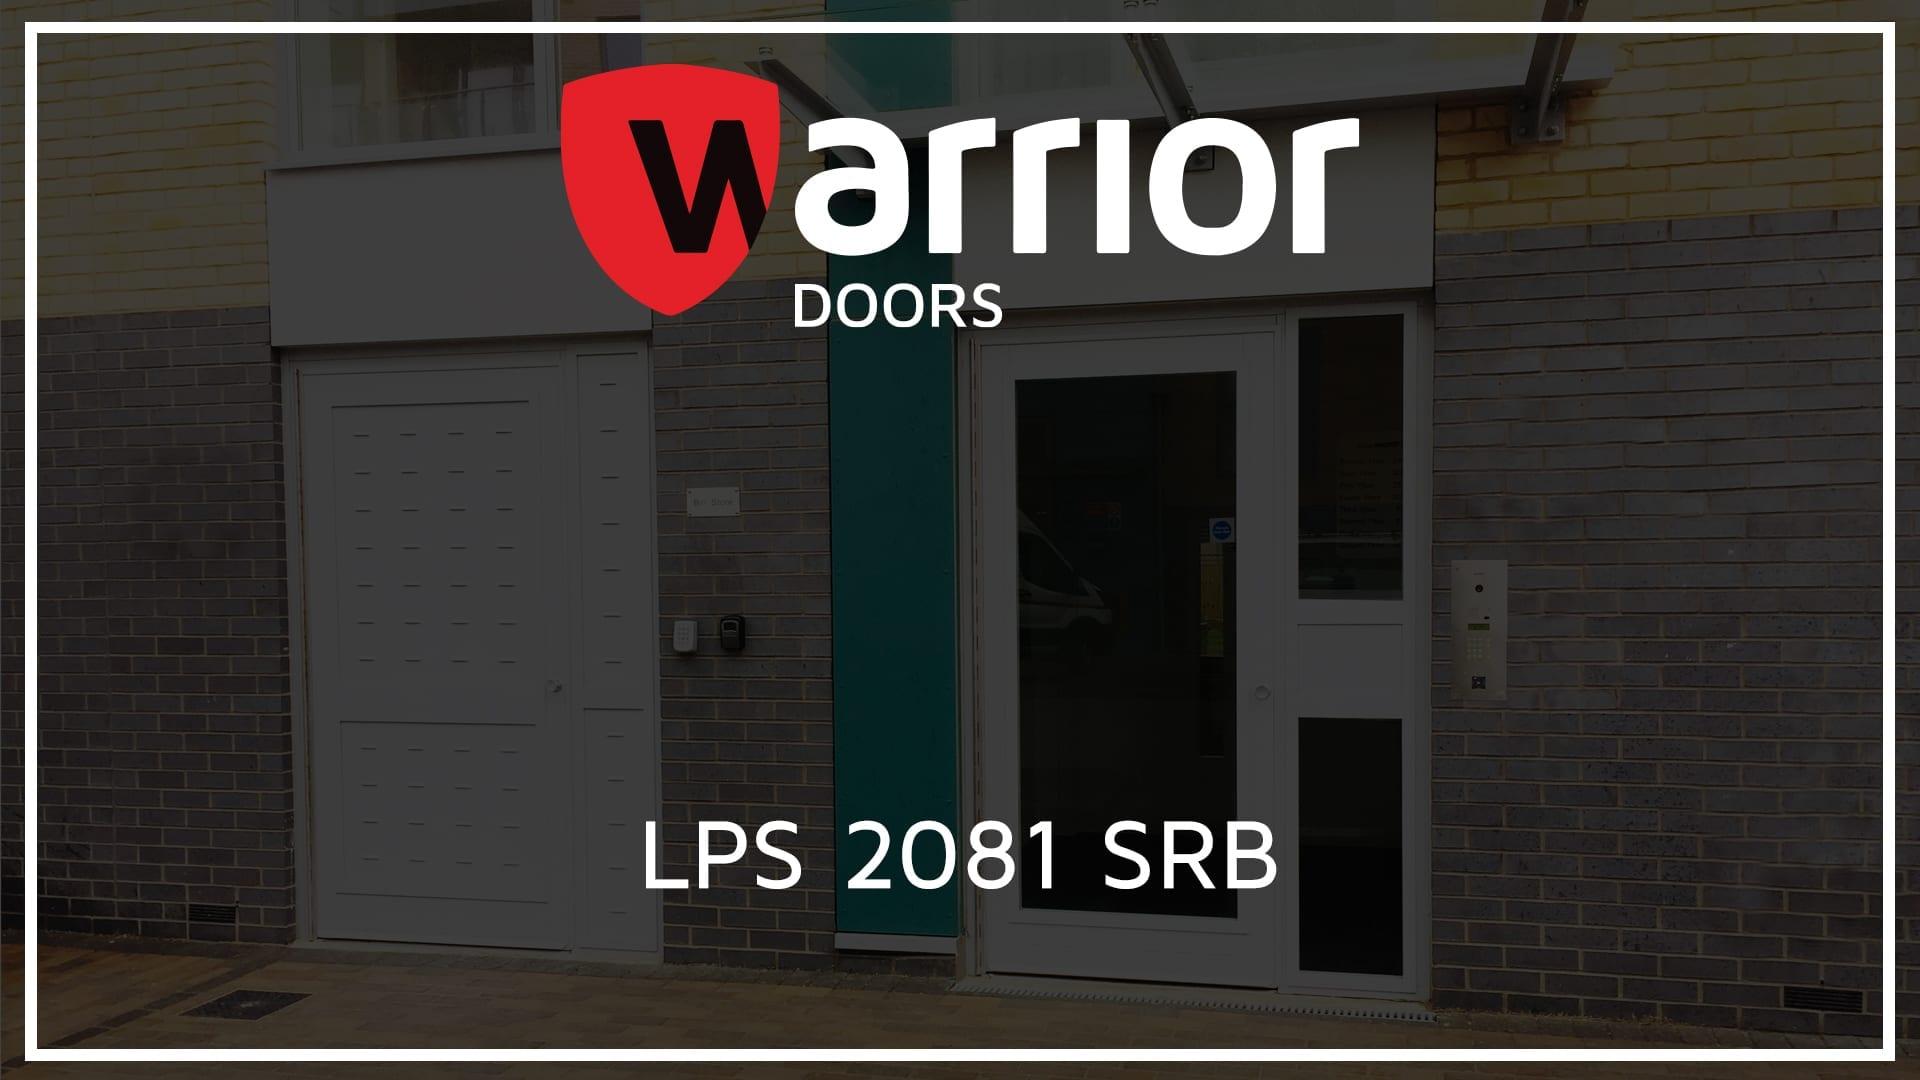 """Warrior Communal Entrance Door and Bin Store Door with Warrior Doors Logo and text reading """"LPS 2081 SRB"""""""